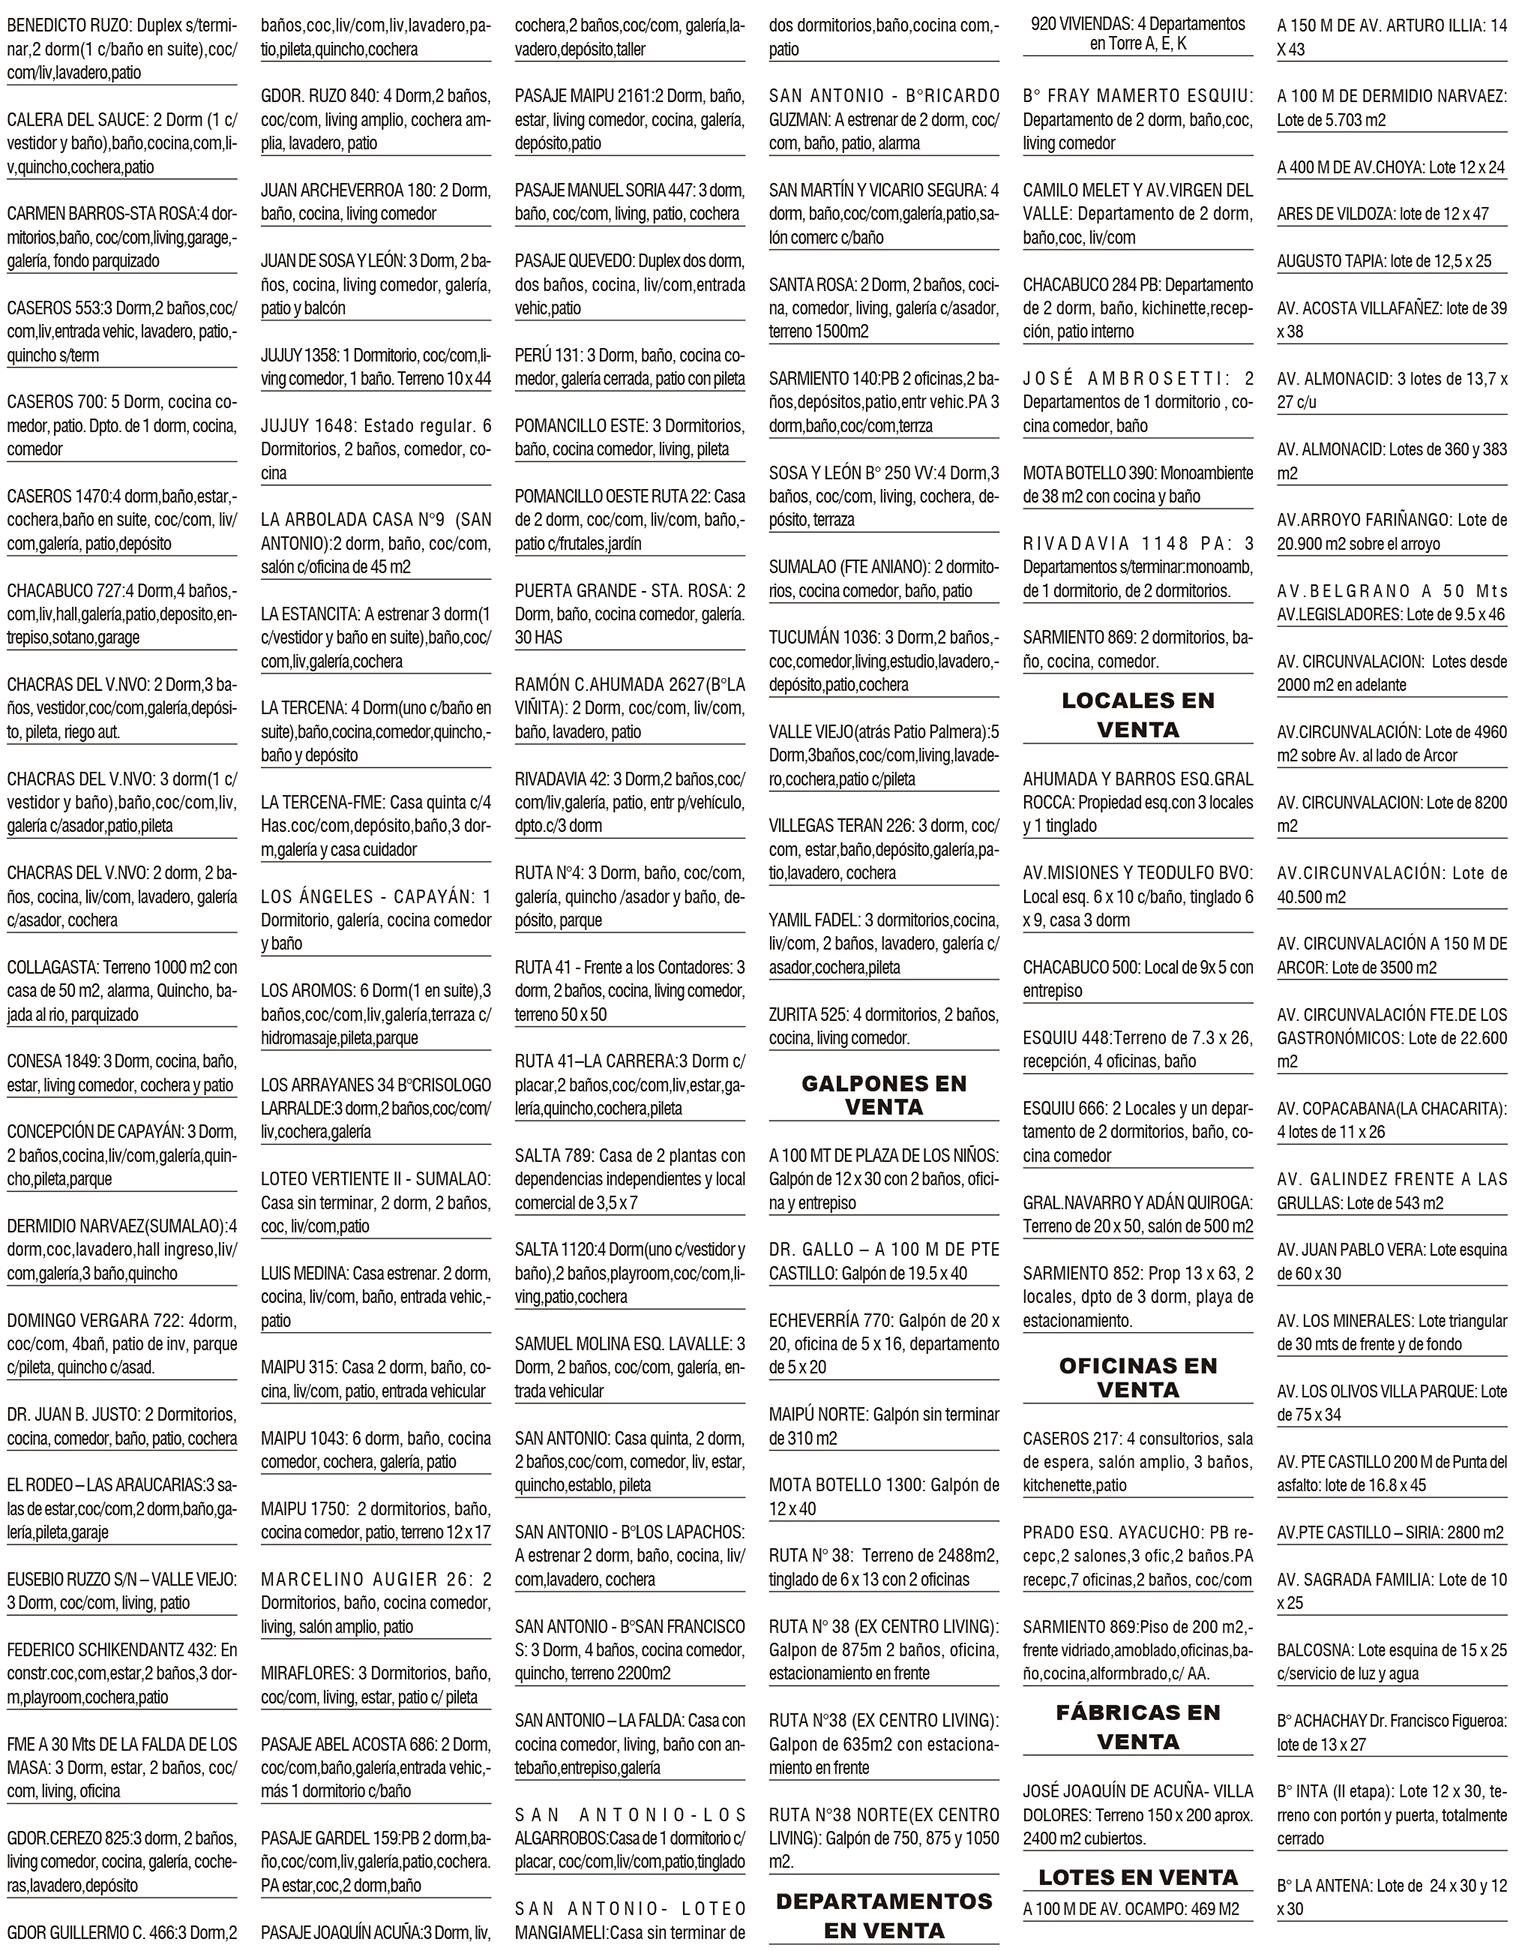 clasificados cambio 7 de diciembre color-2